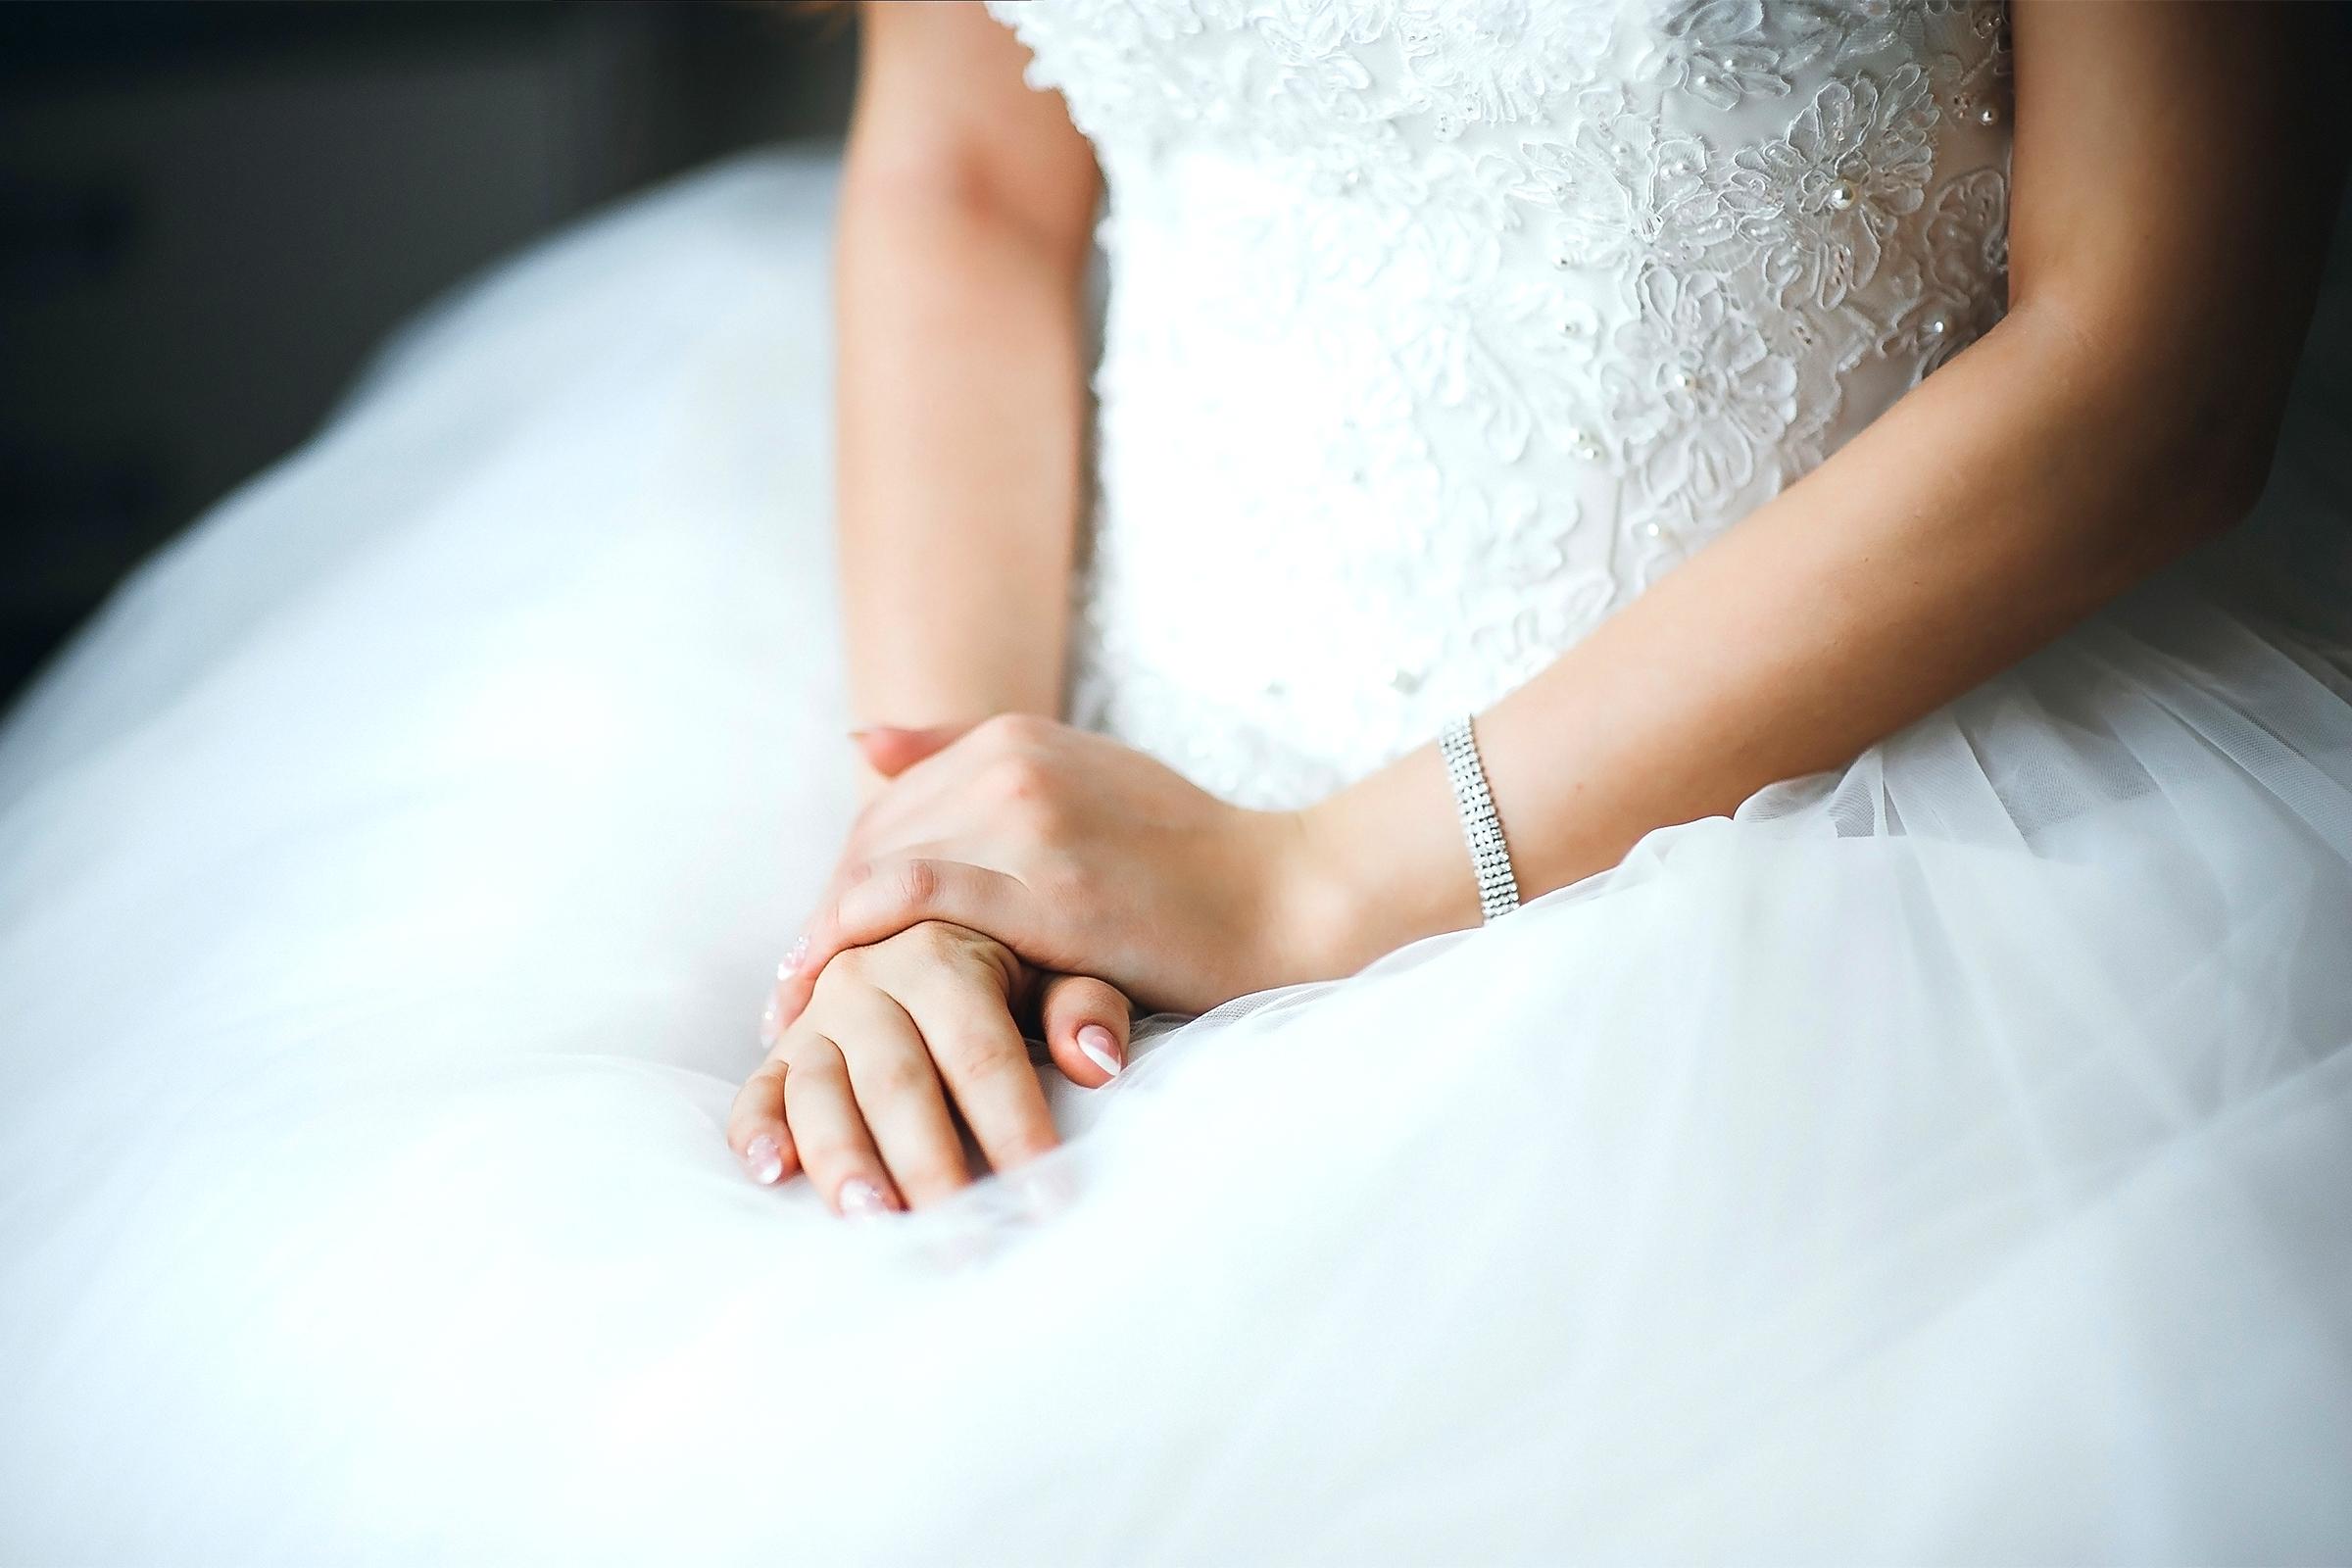 Origóhoz viszont igen: olvasónknak majdnem négyezer forintba került az ingyenes házasságkötés.